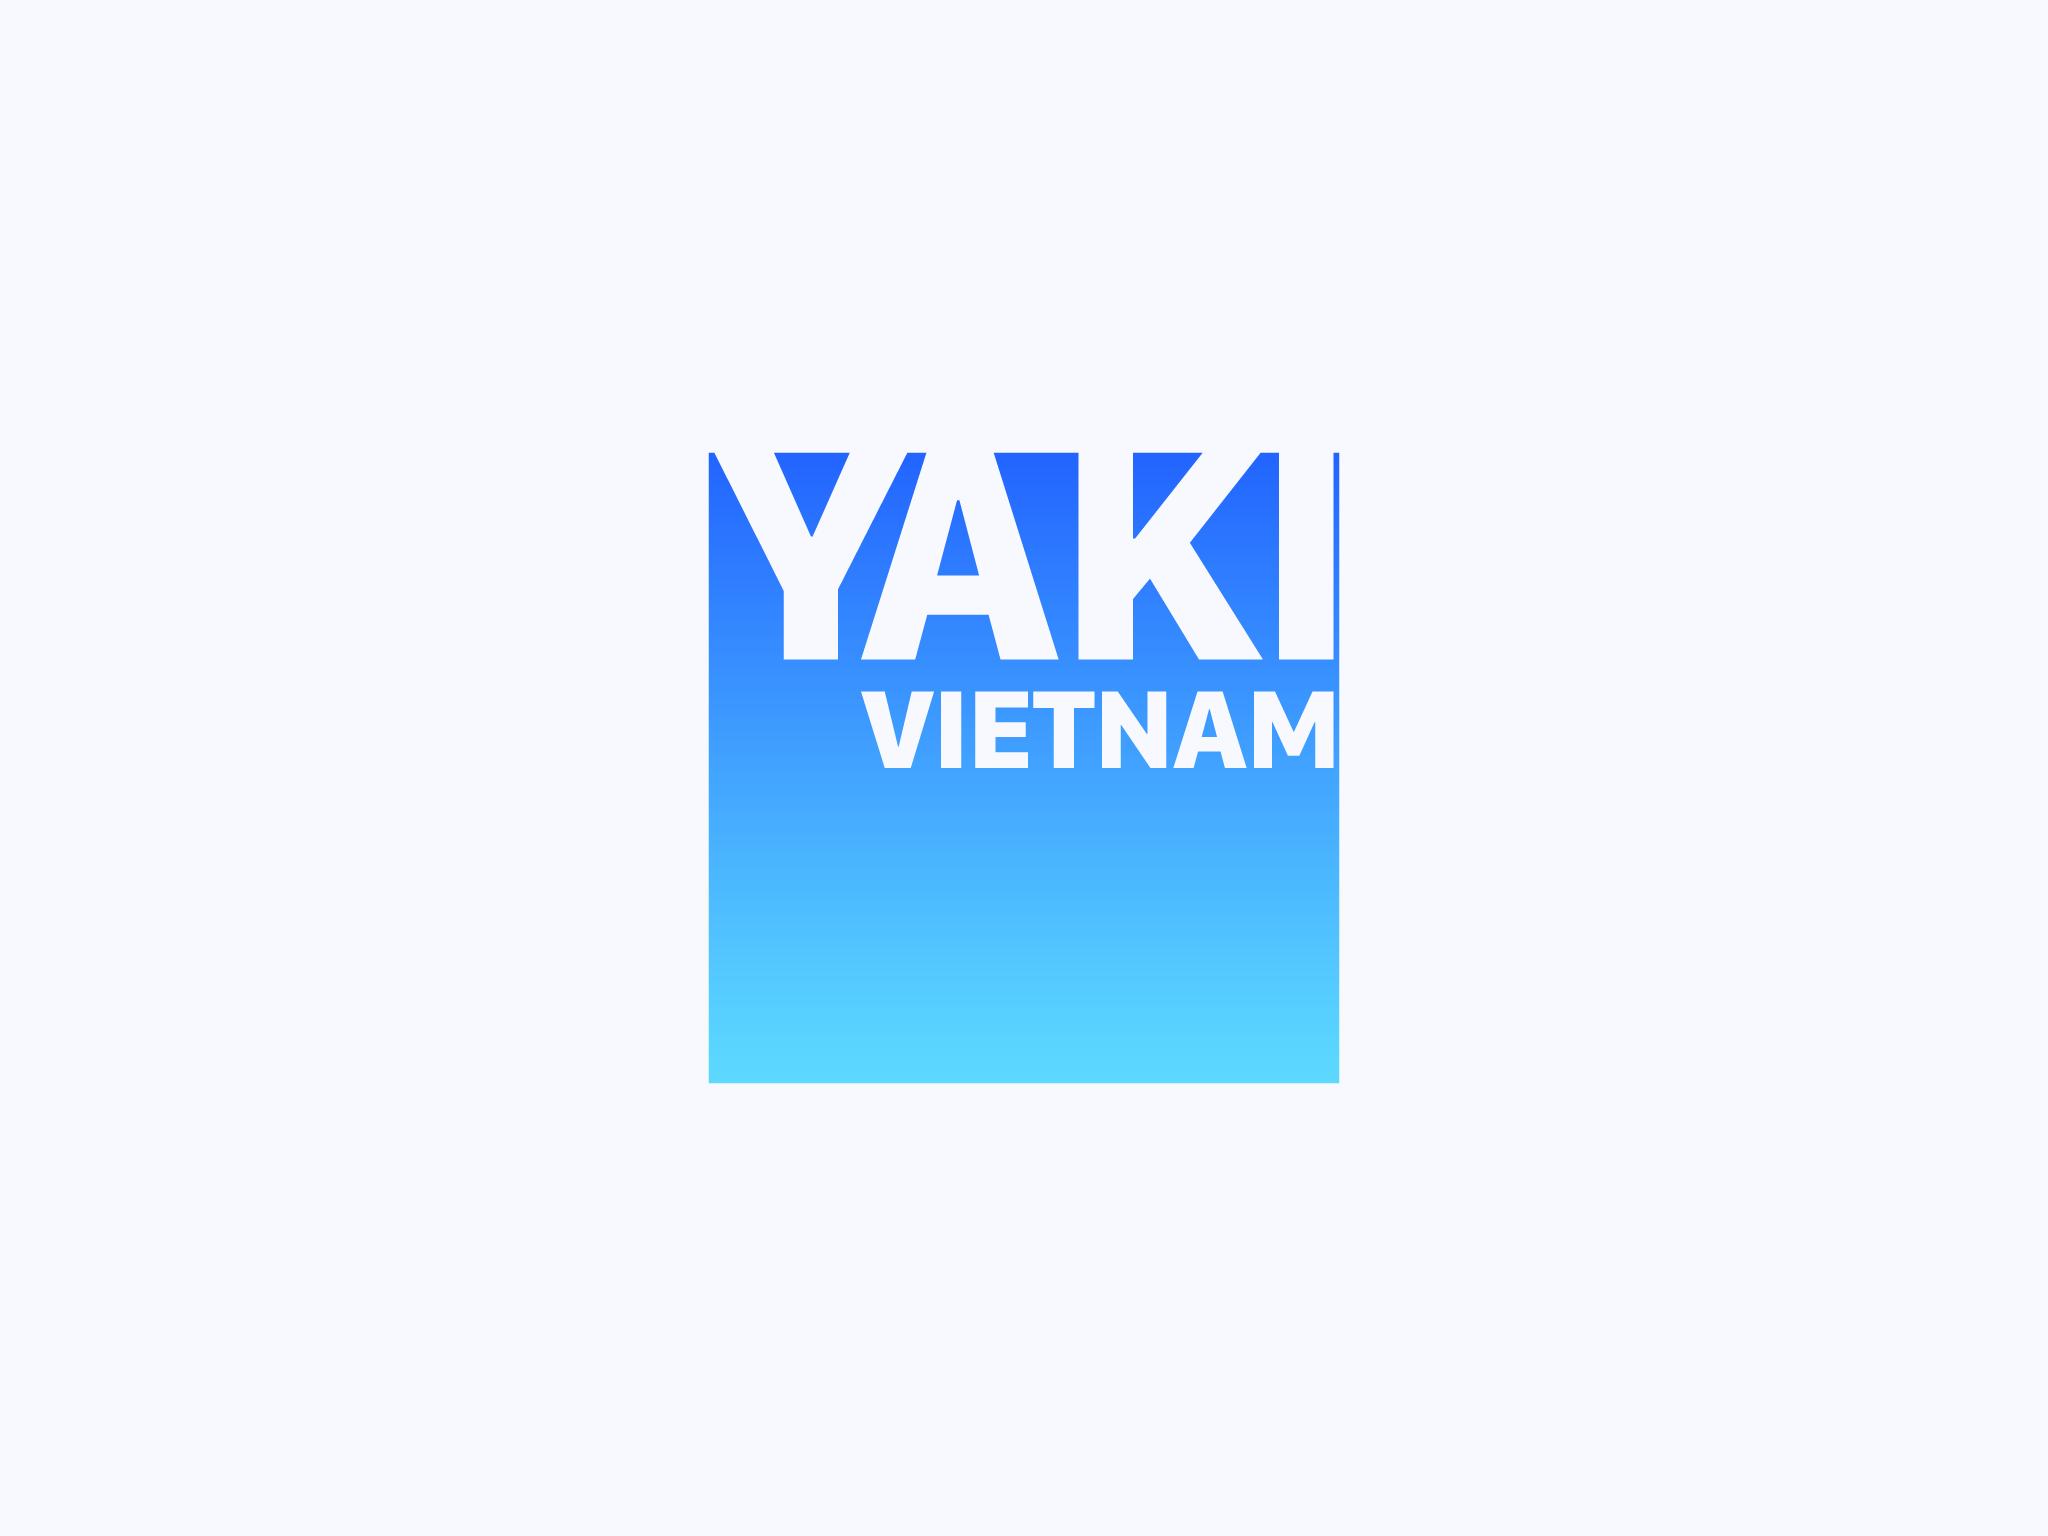 Logo YAKI Vietnam